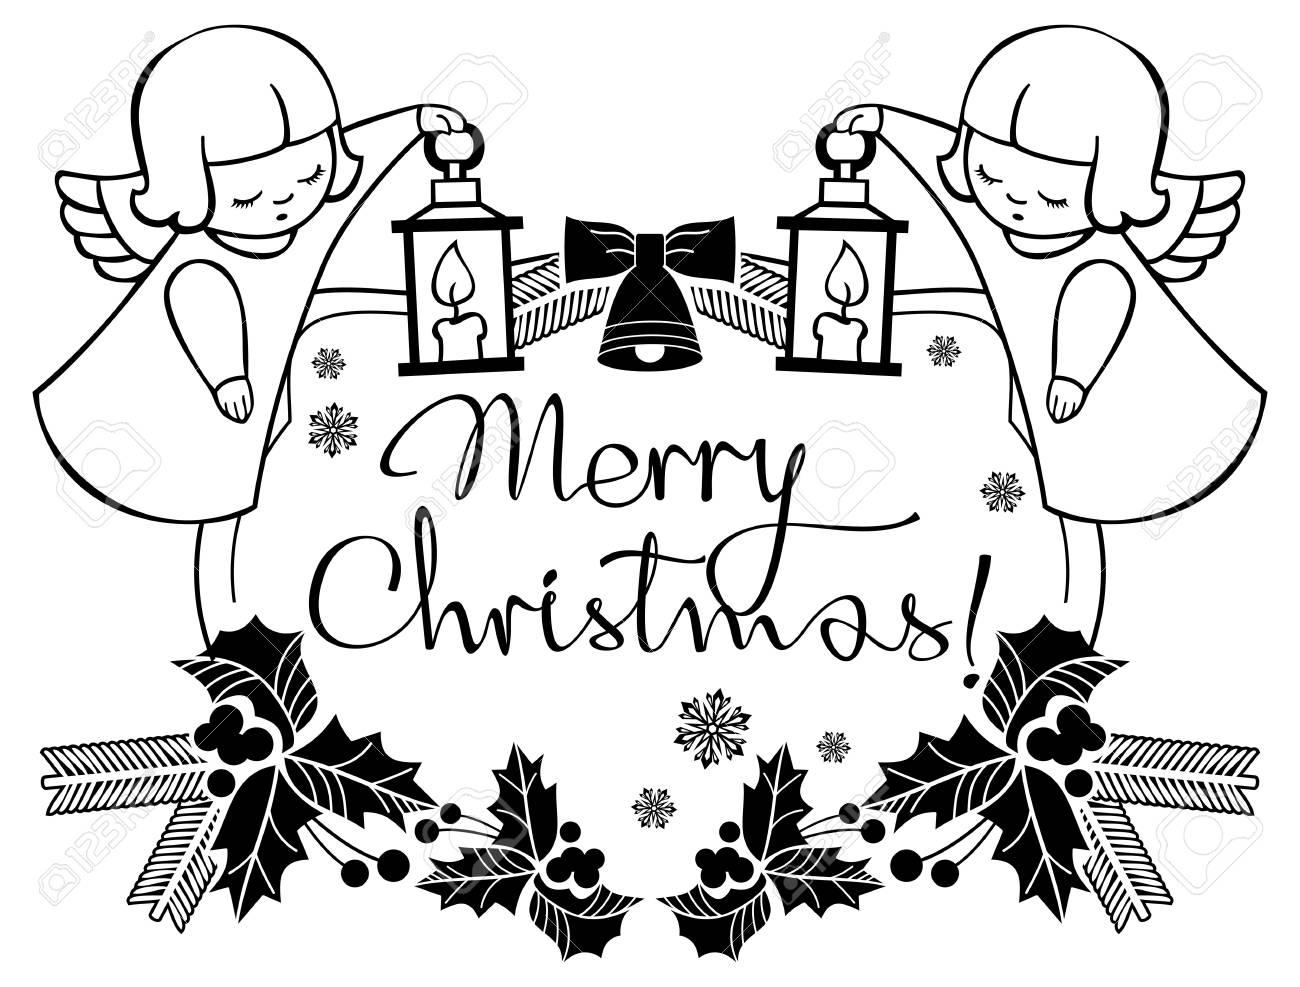 Etiquette De Noël En Noir Et Blanc Avec Des Anges Et Un Texte écrit Artistique Joyeux Noël Contexte De Vacances De Noël Clip Art Vecteur